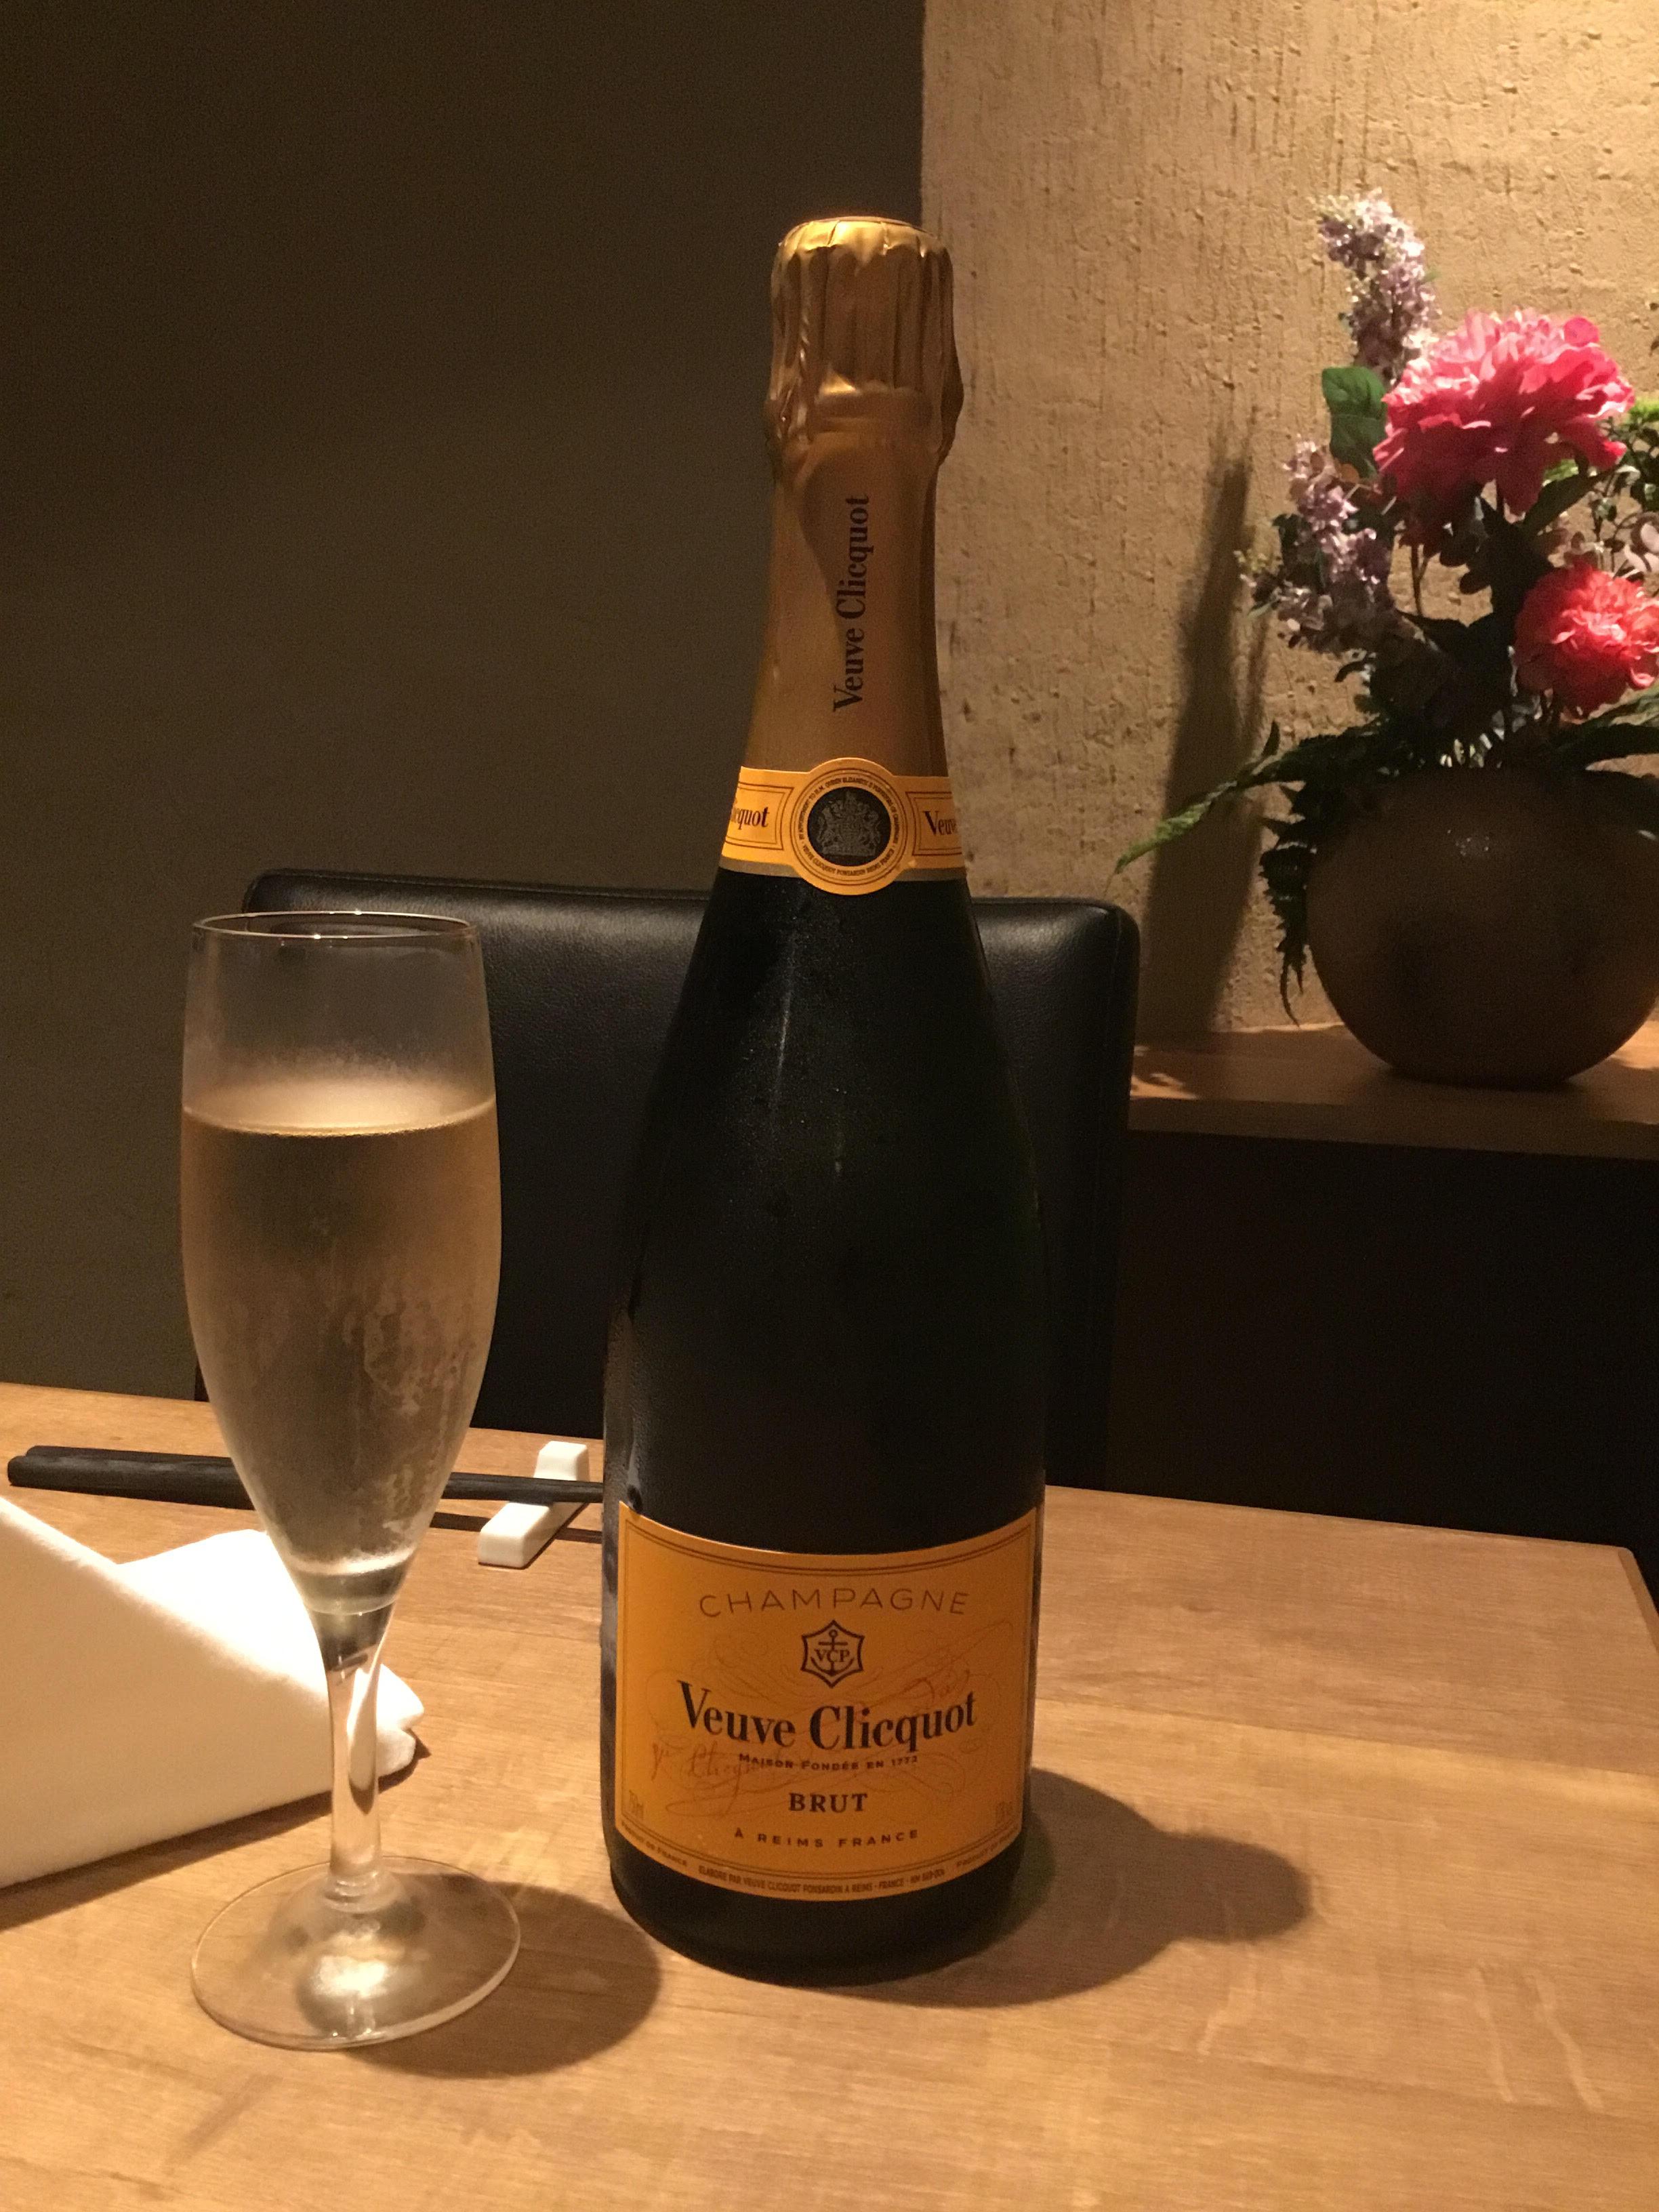 【円居 品川】では最高峰のシャンパン〈ヴーヴクリコ〉をご用意してます!